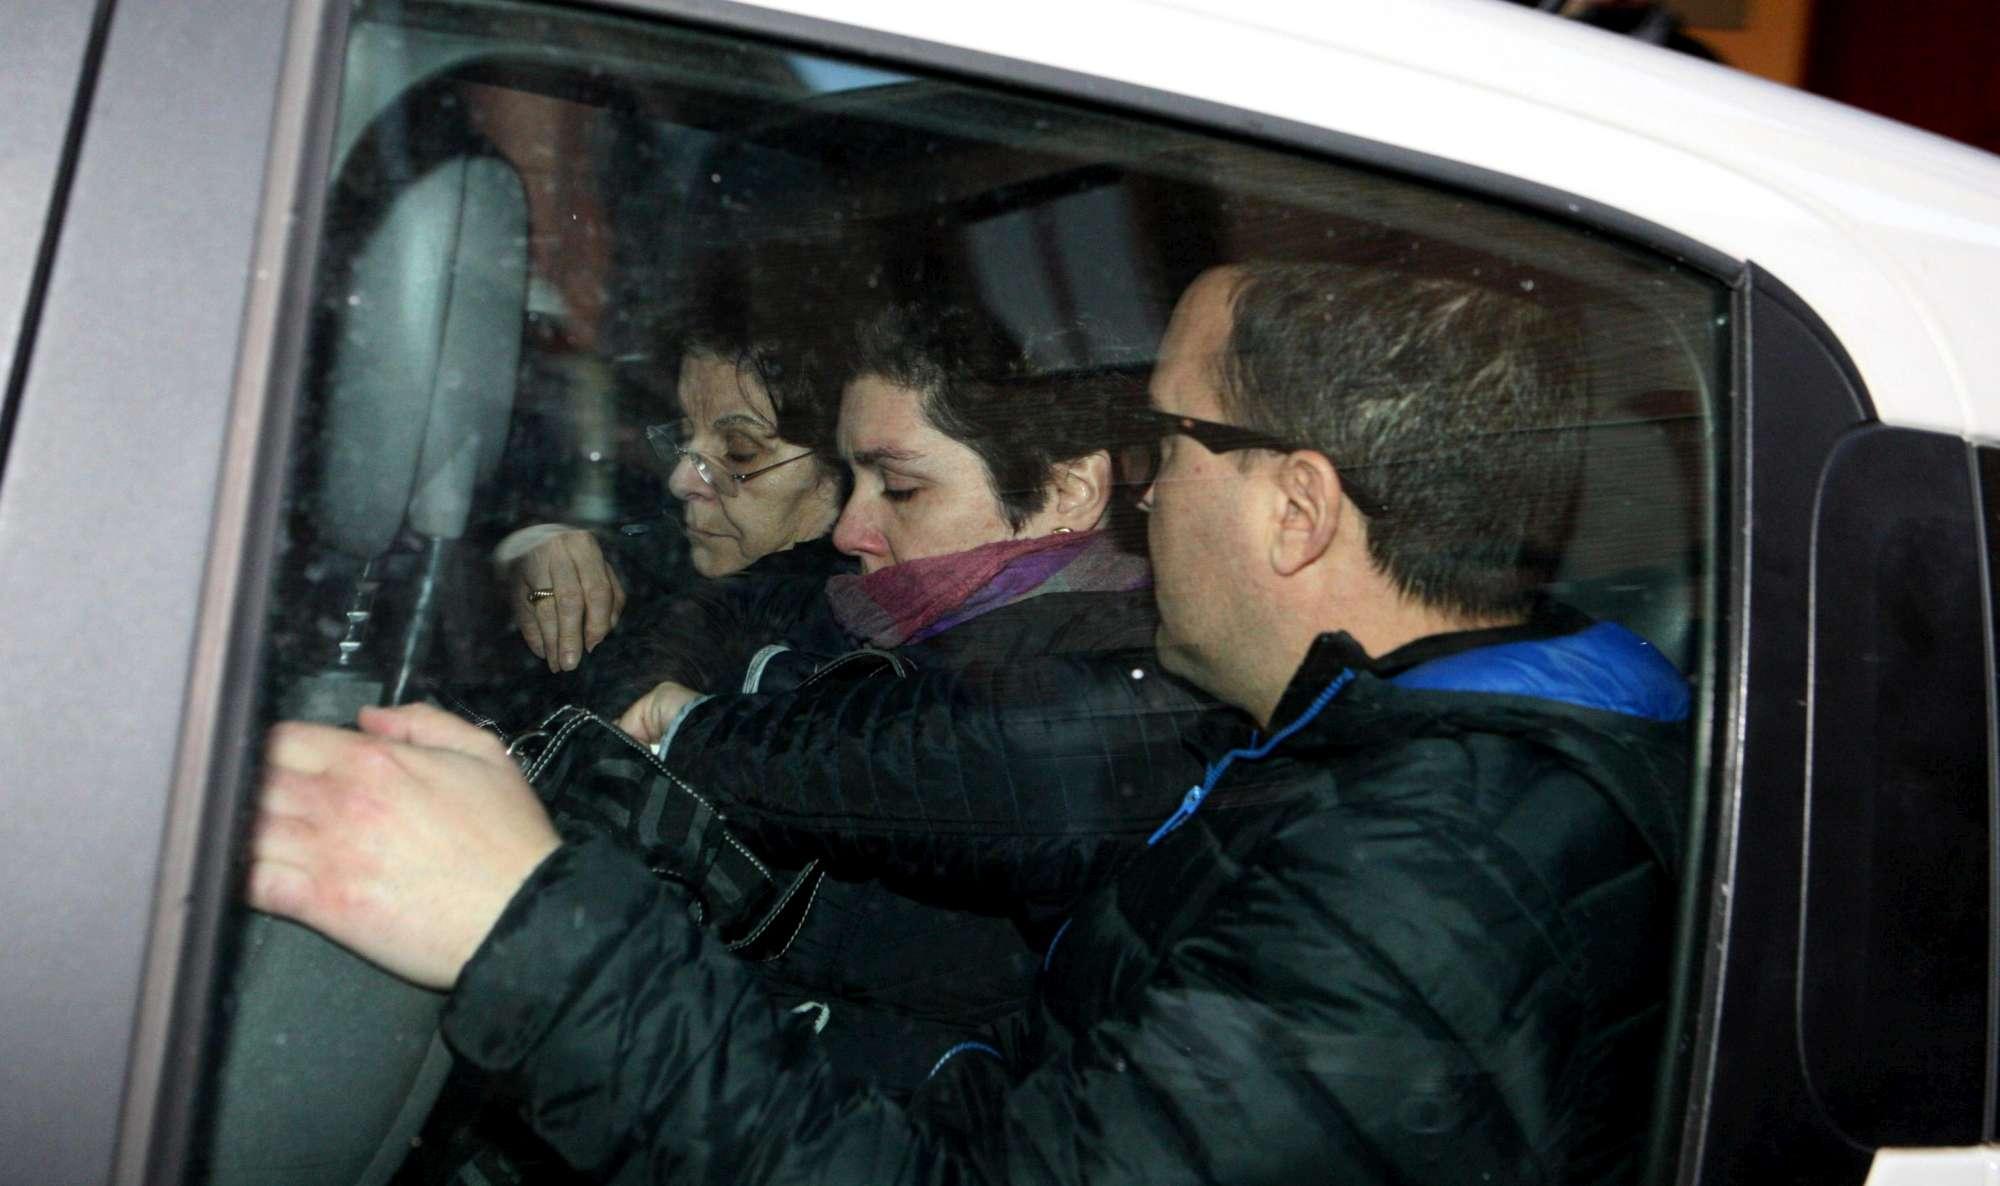 Riina, i familiari all ospedale di Parma per l autopsia